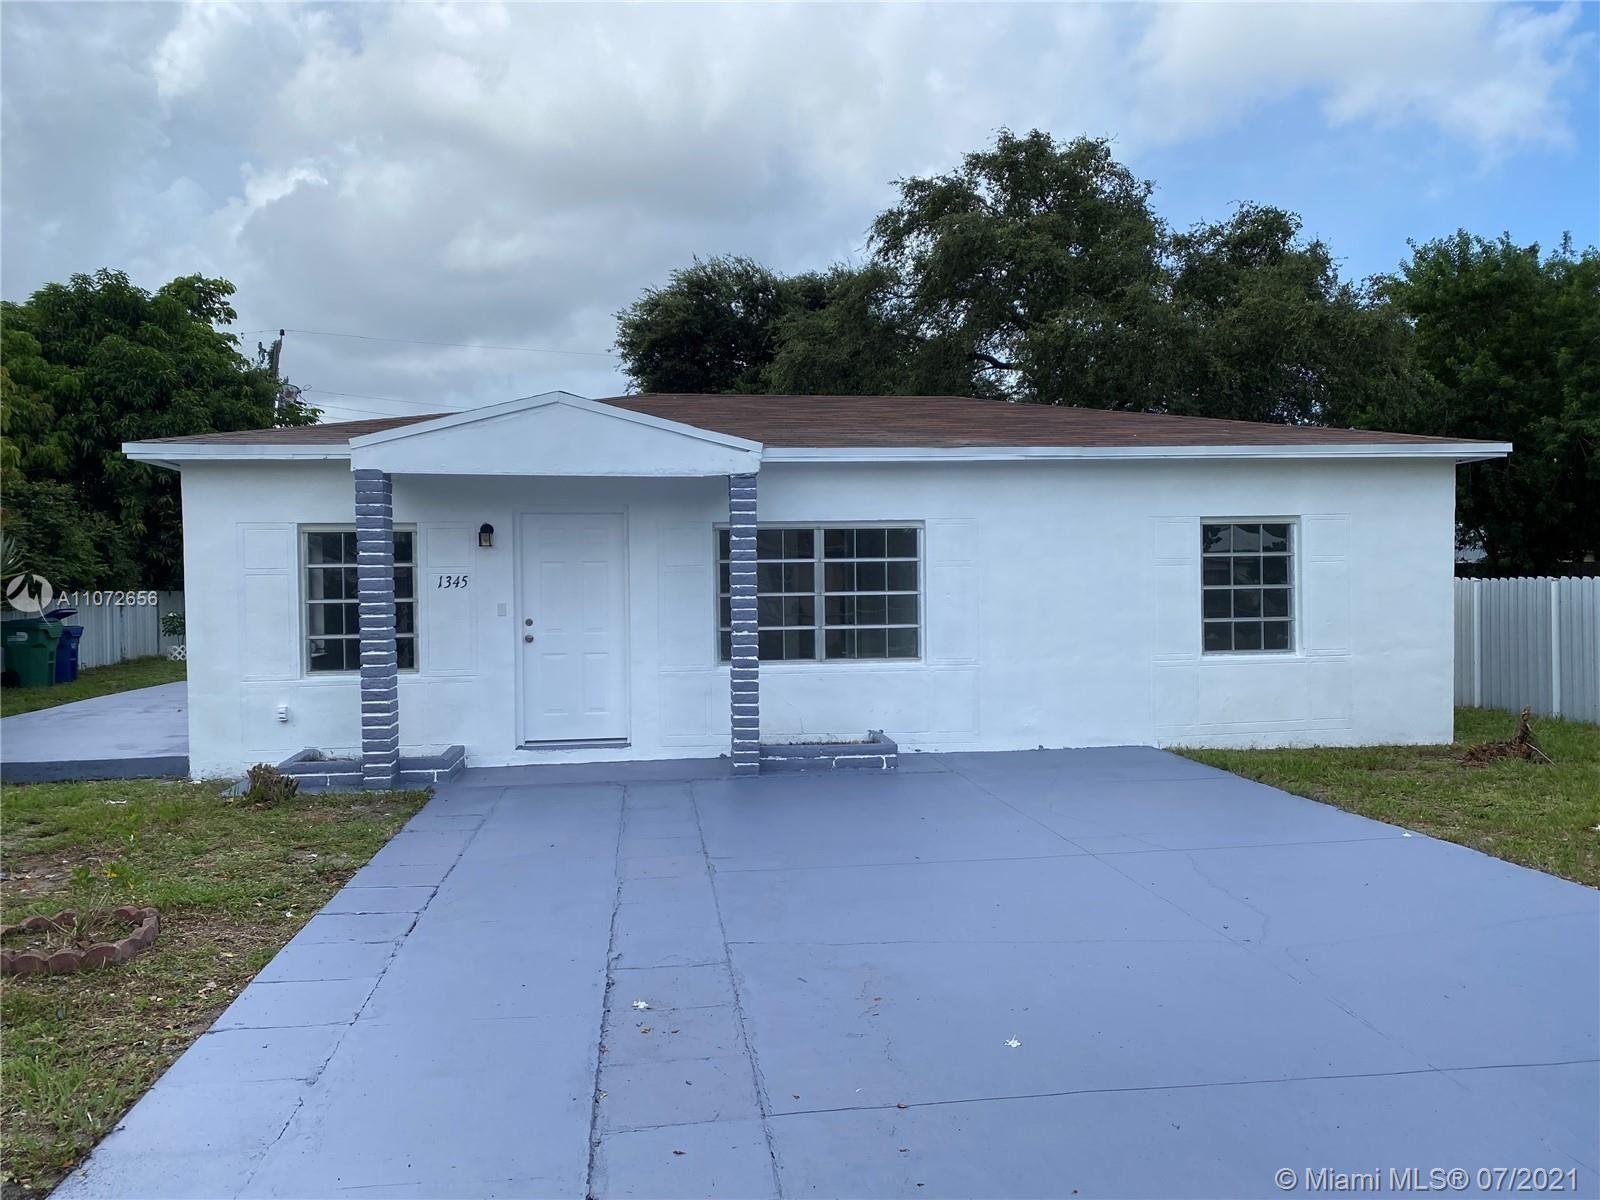 1345 NW 84th Ter, Miami, FL 33147 - #: A11072656